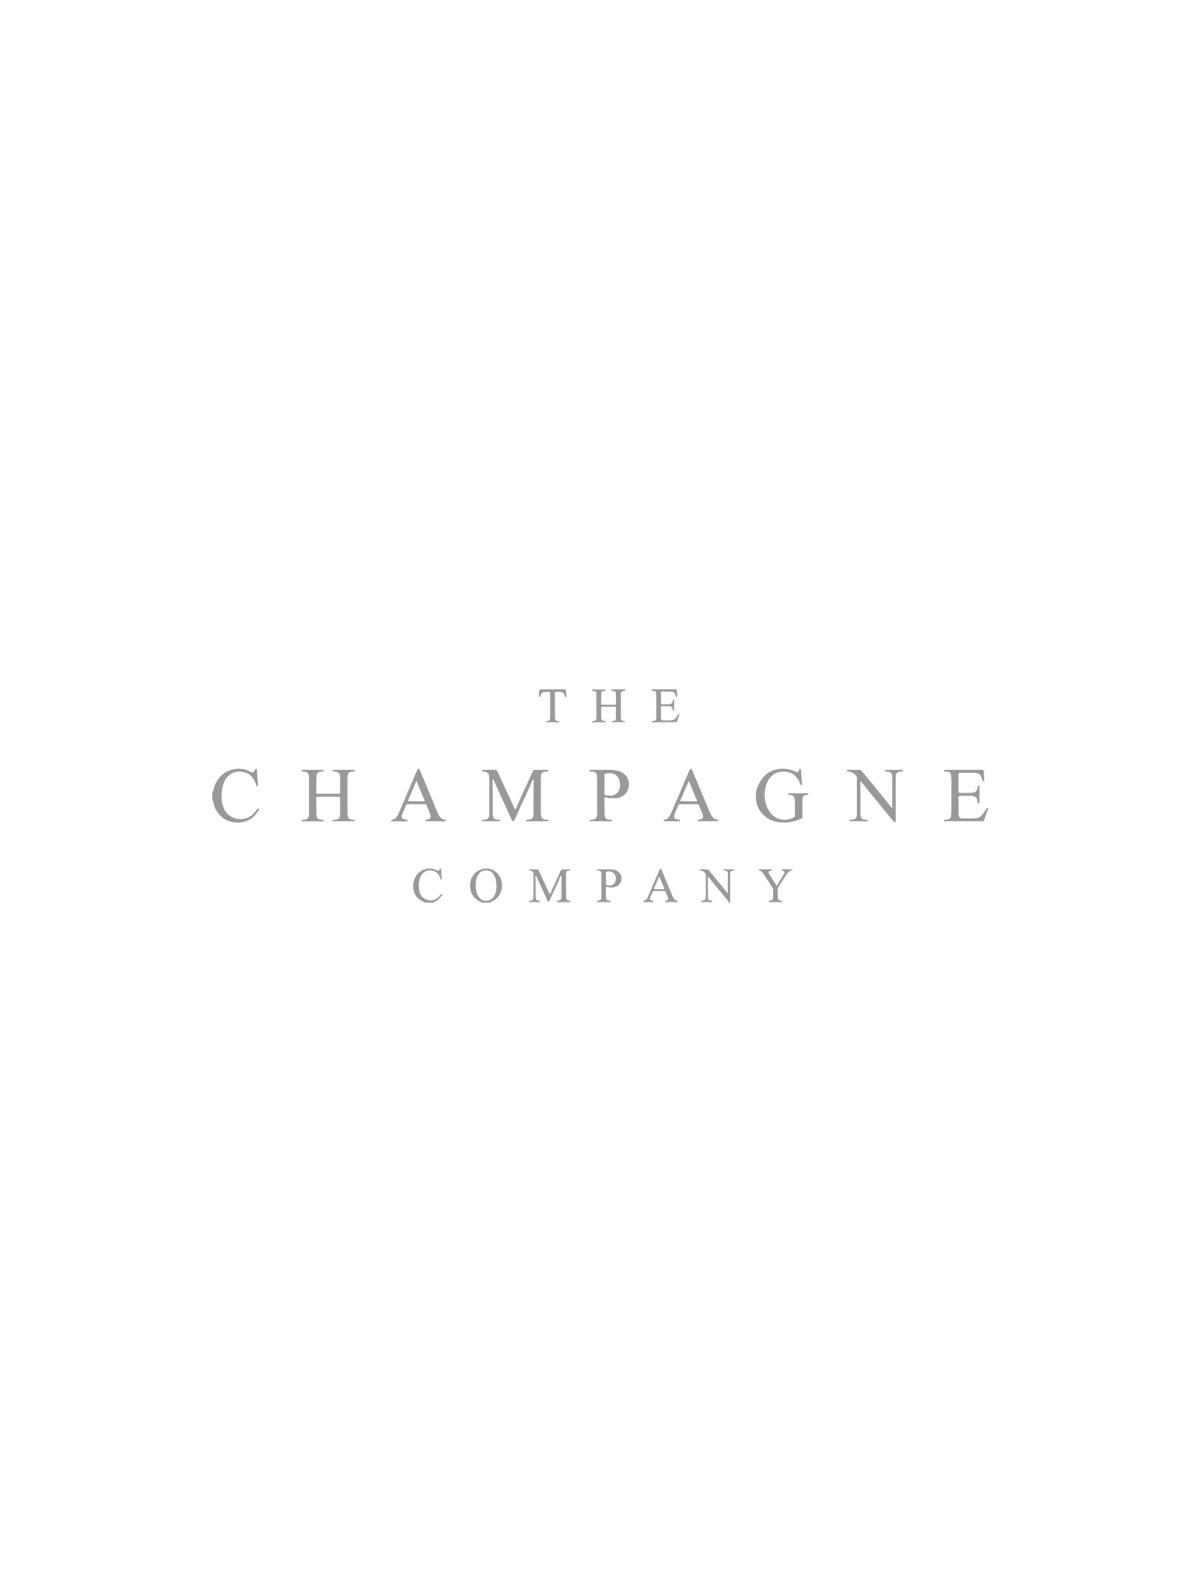 Les Domaniers Rouge OTT Cotes de Provence 2004 Red Wine 75cl